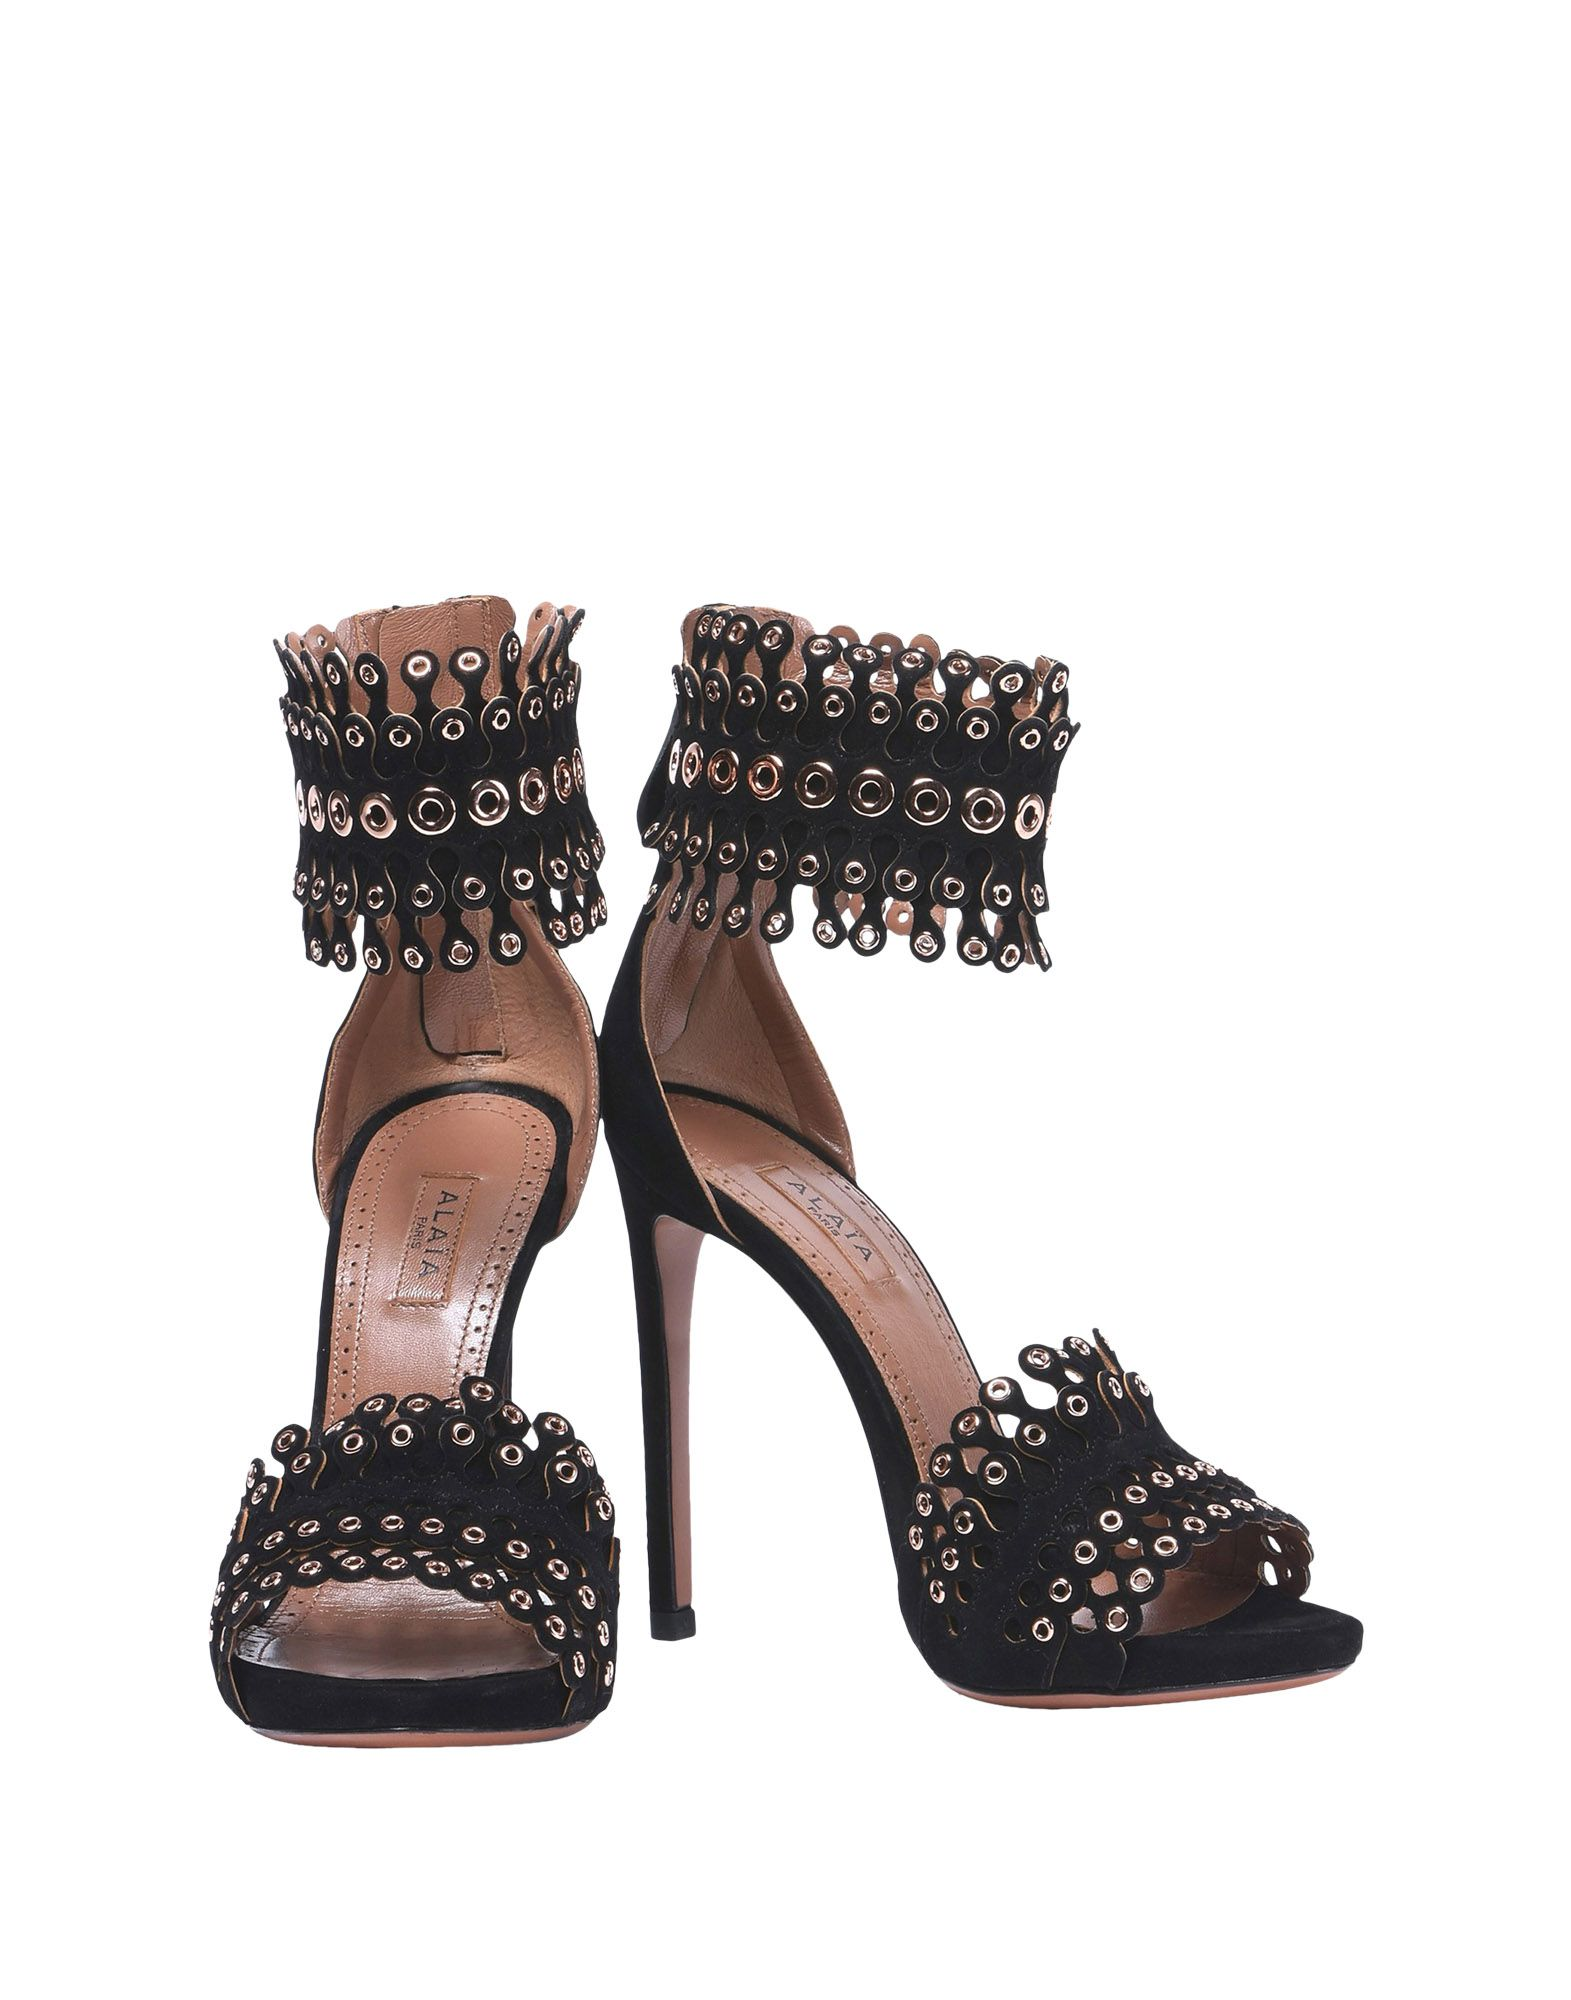 Alaïa Sandalen Damen Schuhe  11393980AEGünstige gut aussehende Schuhe Damen 52775e